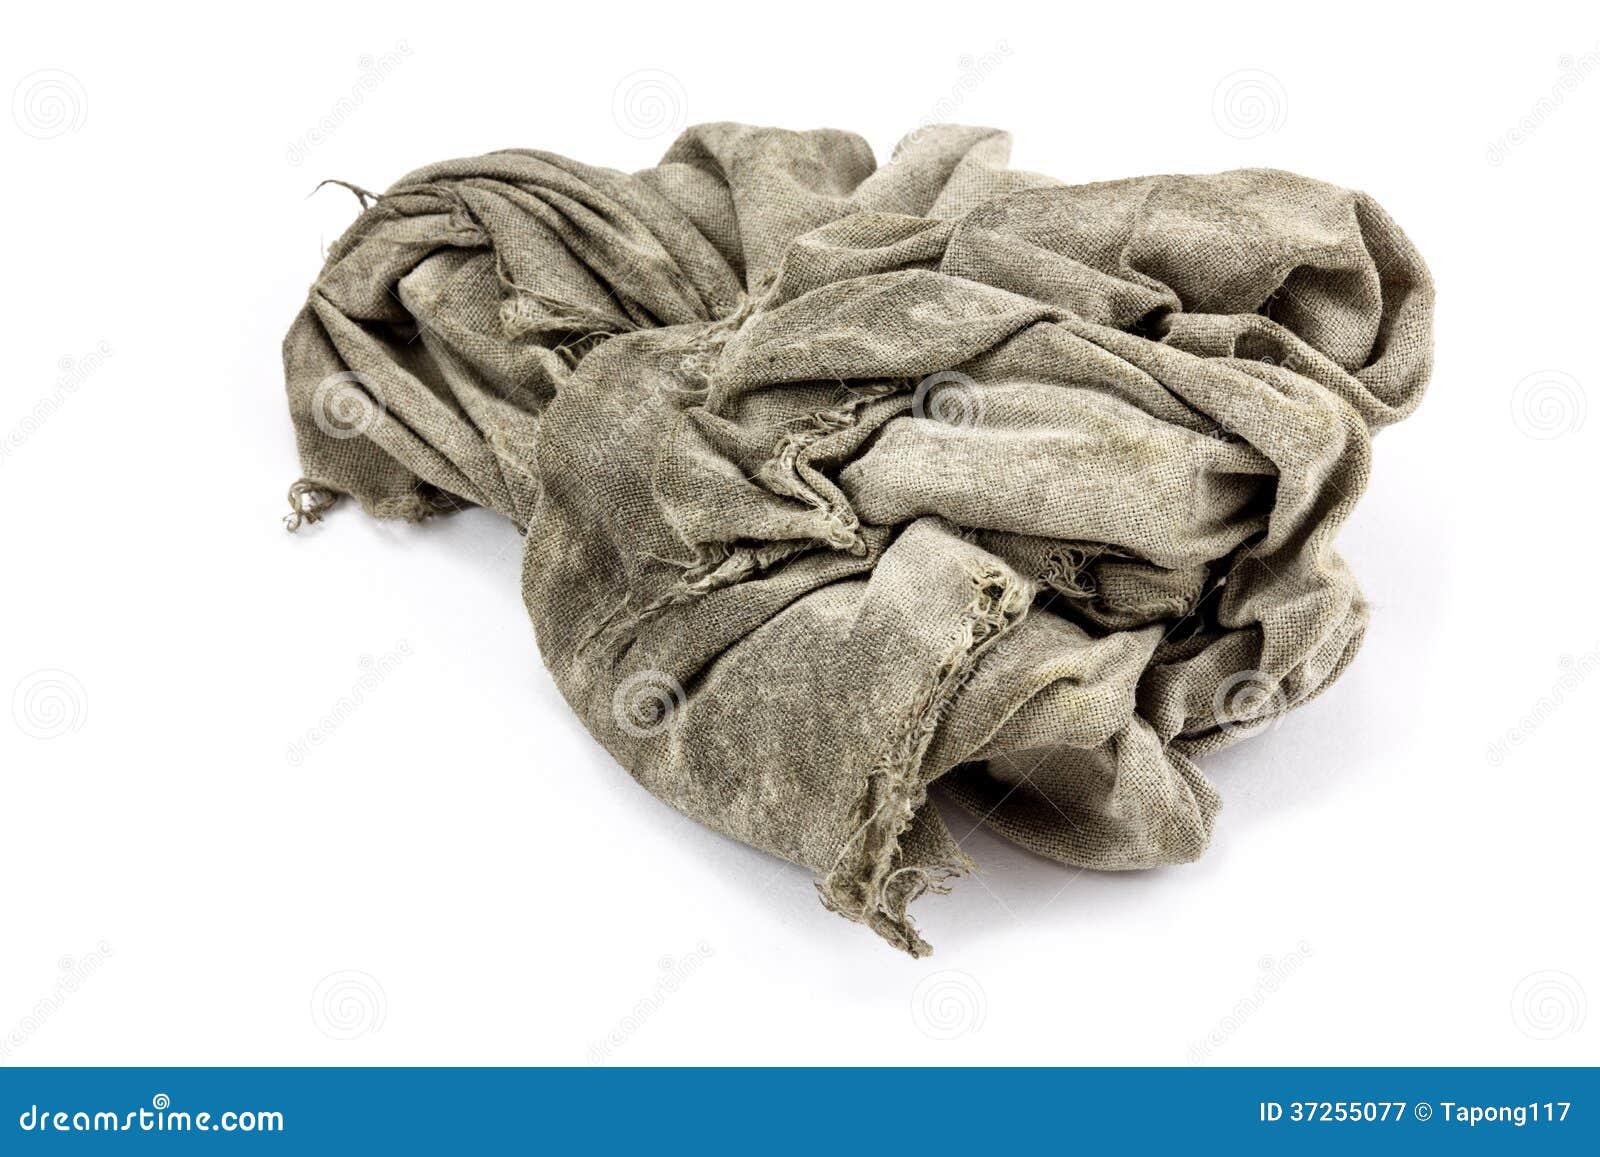 在白色背景的肮脏的旧布.图片